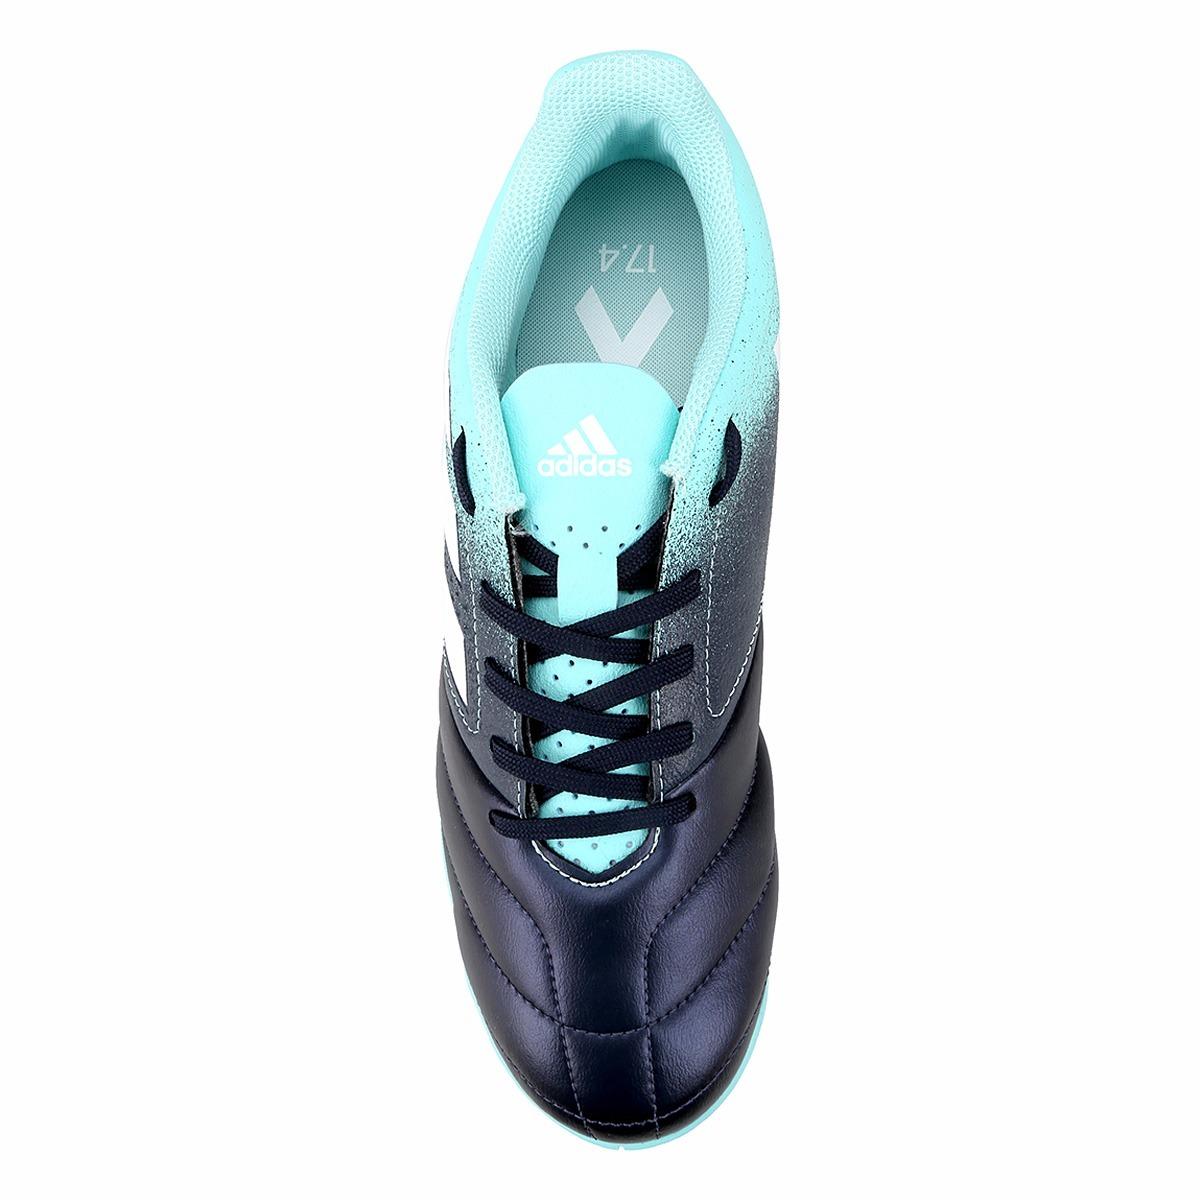 8271924355 Carregando zoom. shop 52077 66ebe  chuteira futsal adidas. Carregando zoom.  buy cheap e0001 7ee98 ...